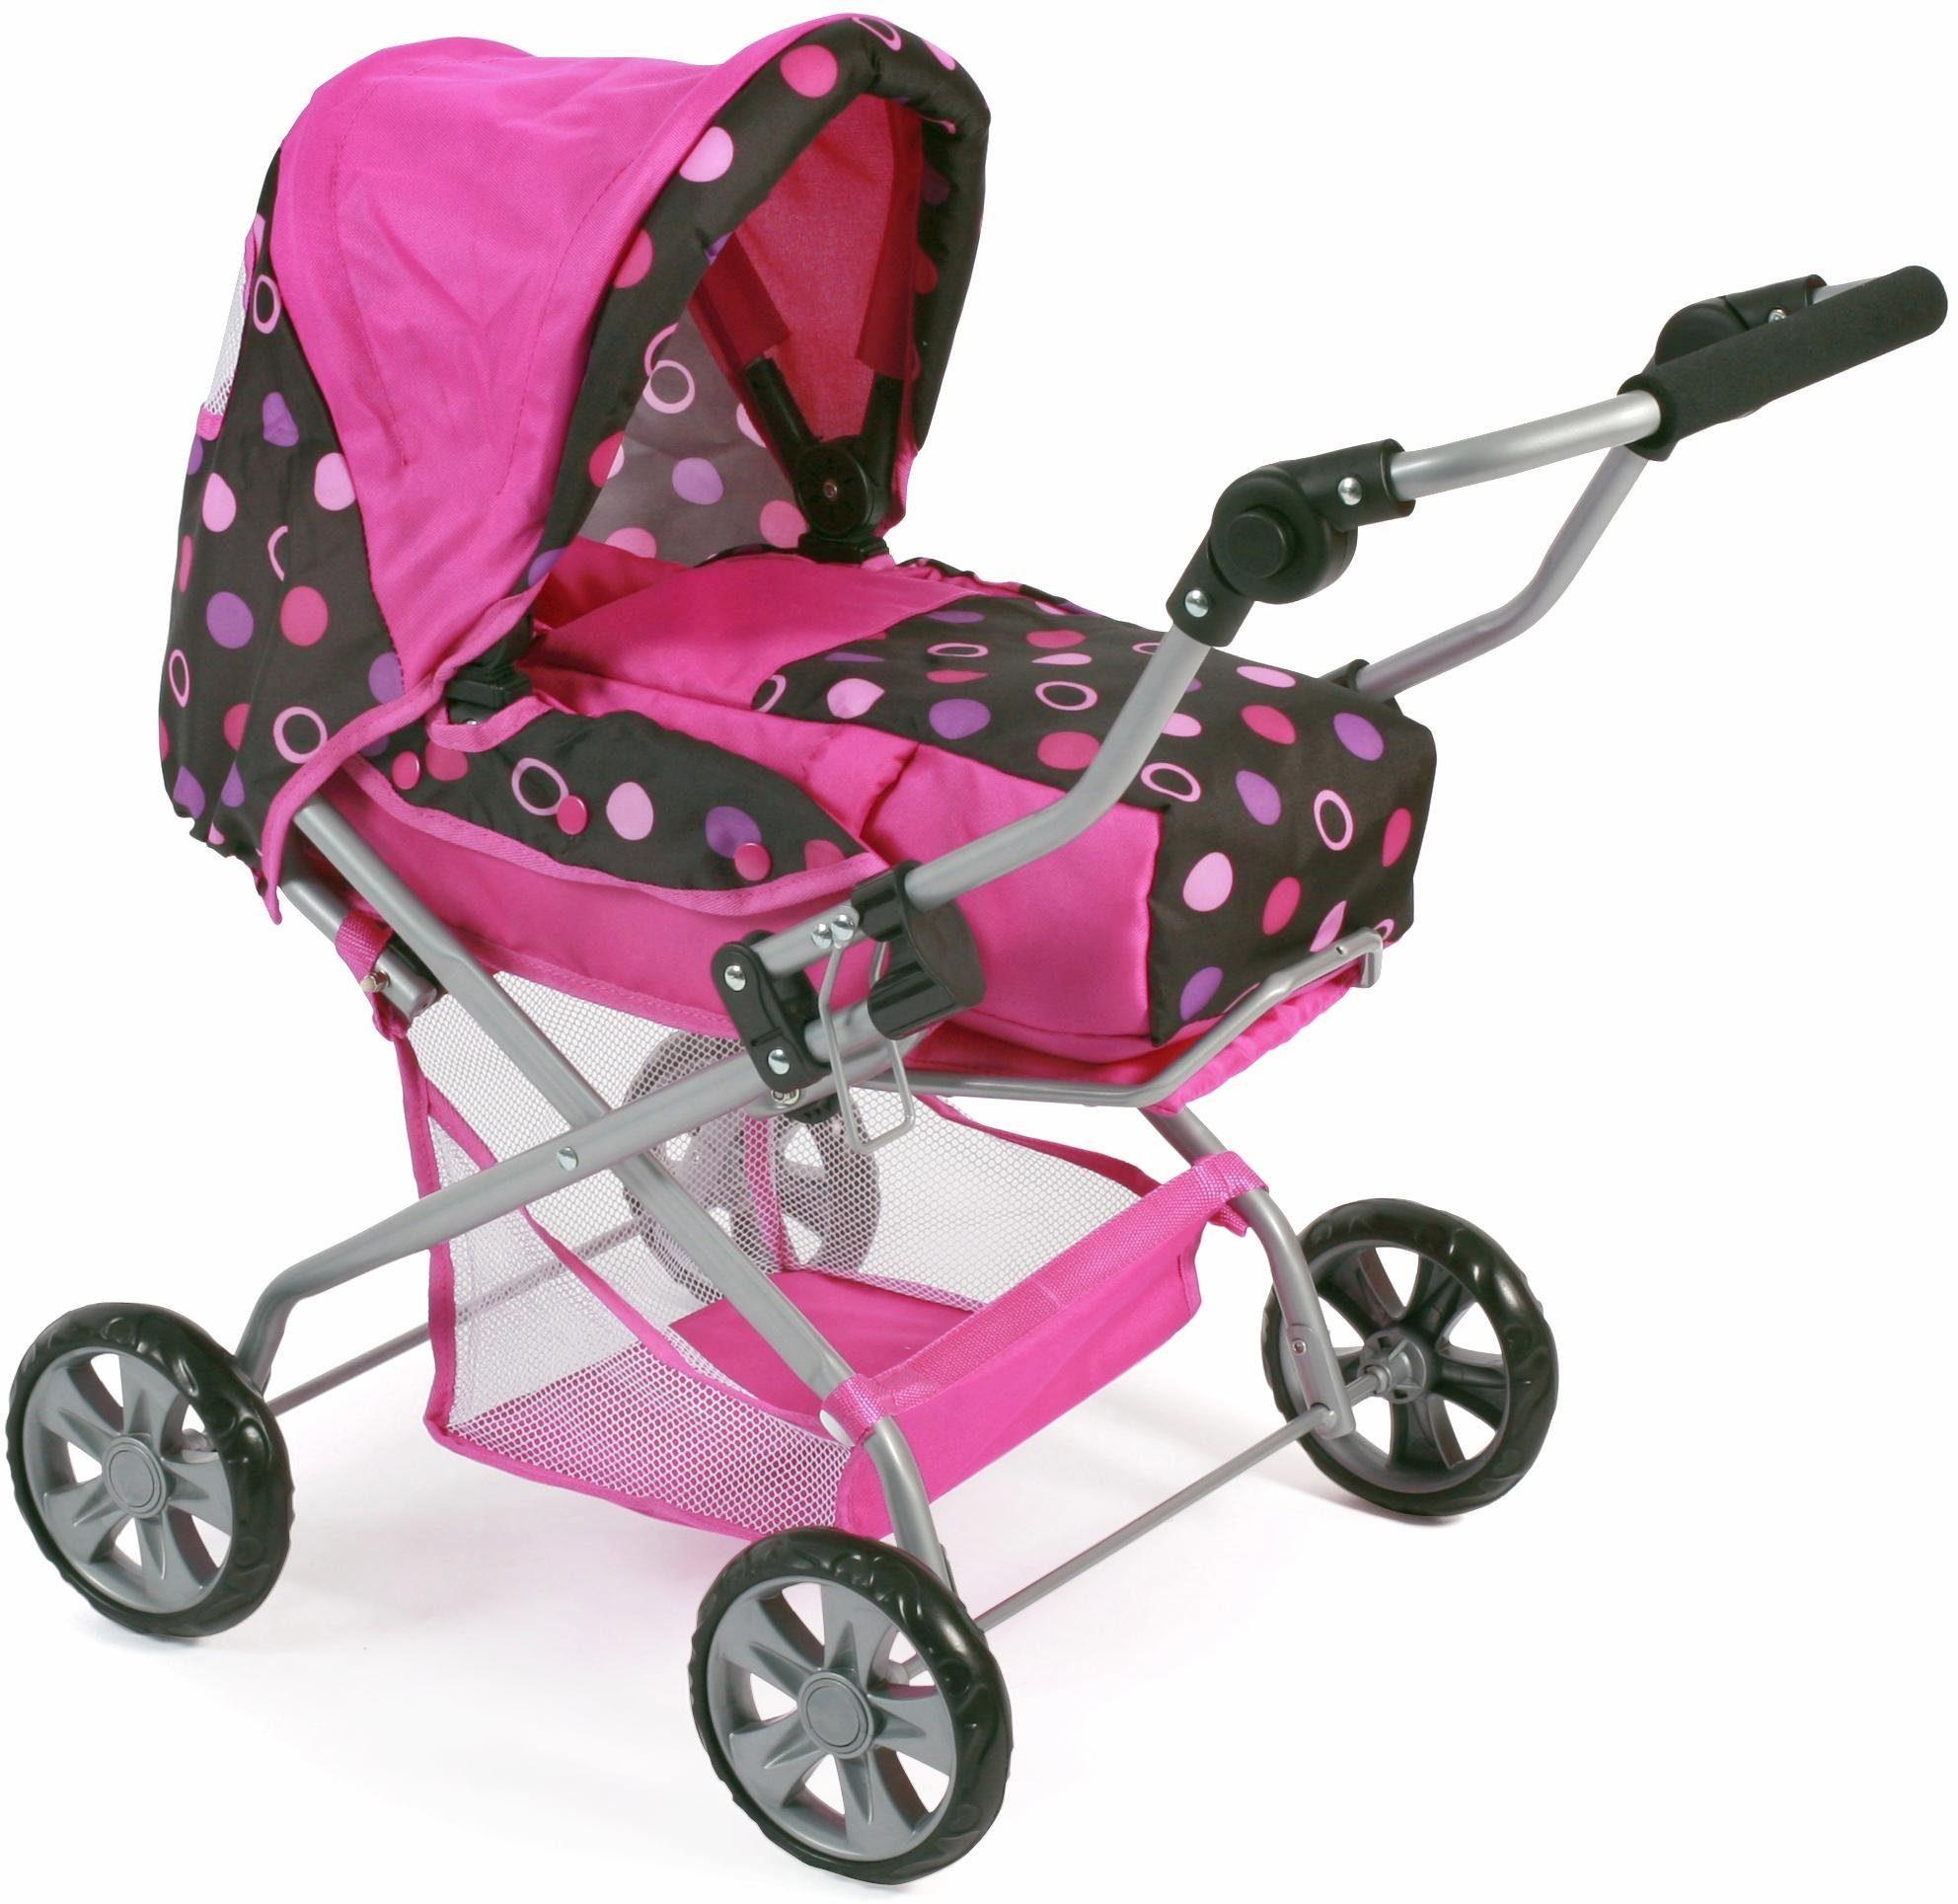 CHIC2000 Kombi Puppenwagen mit herausnehmbarer Tragetasche, »Piccolina, schwarz-pink«